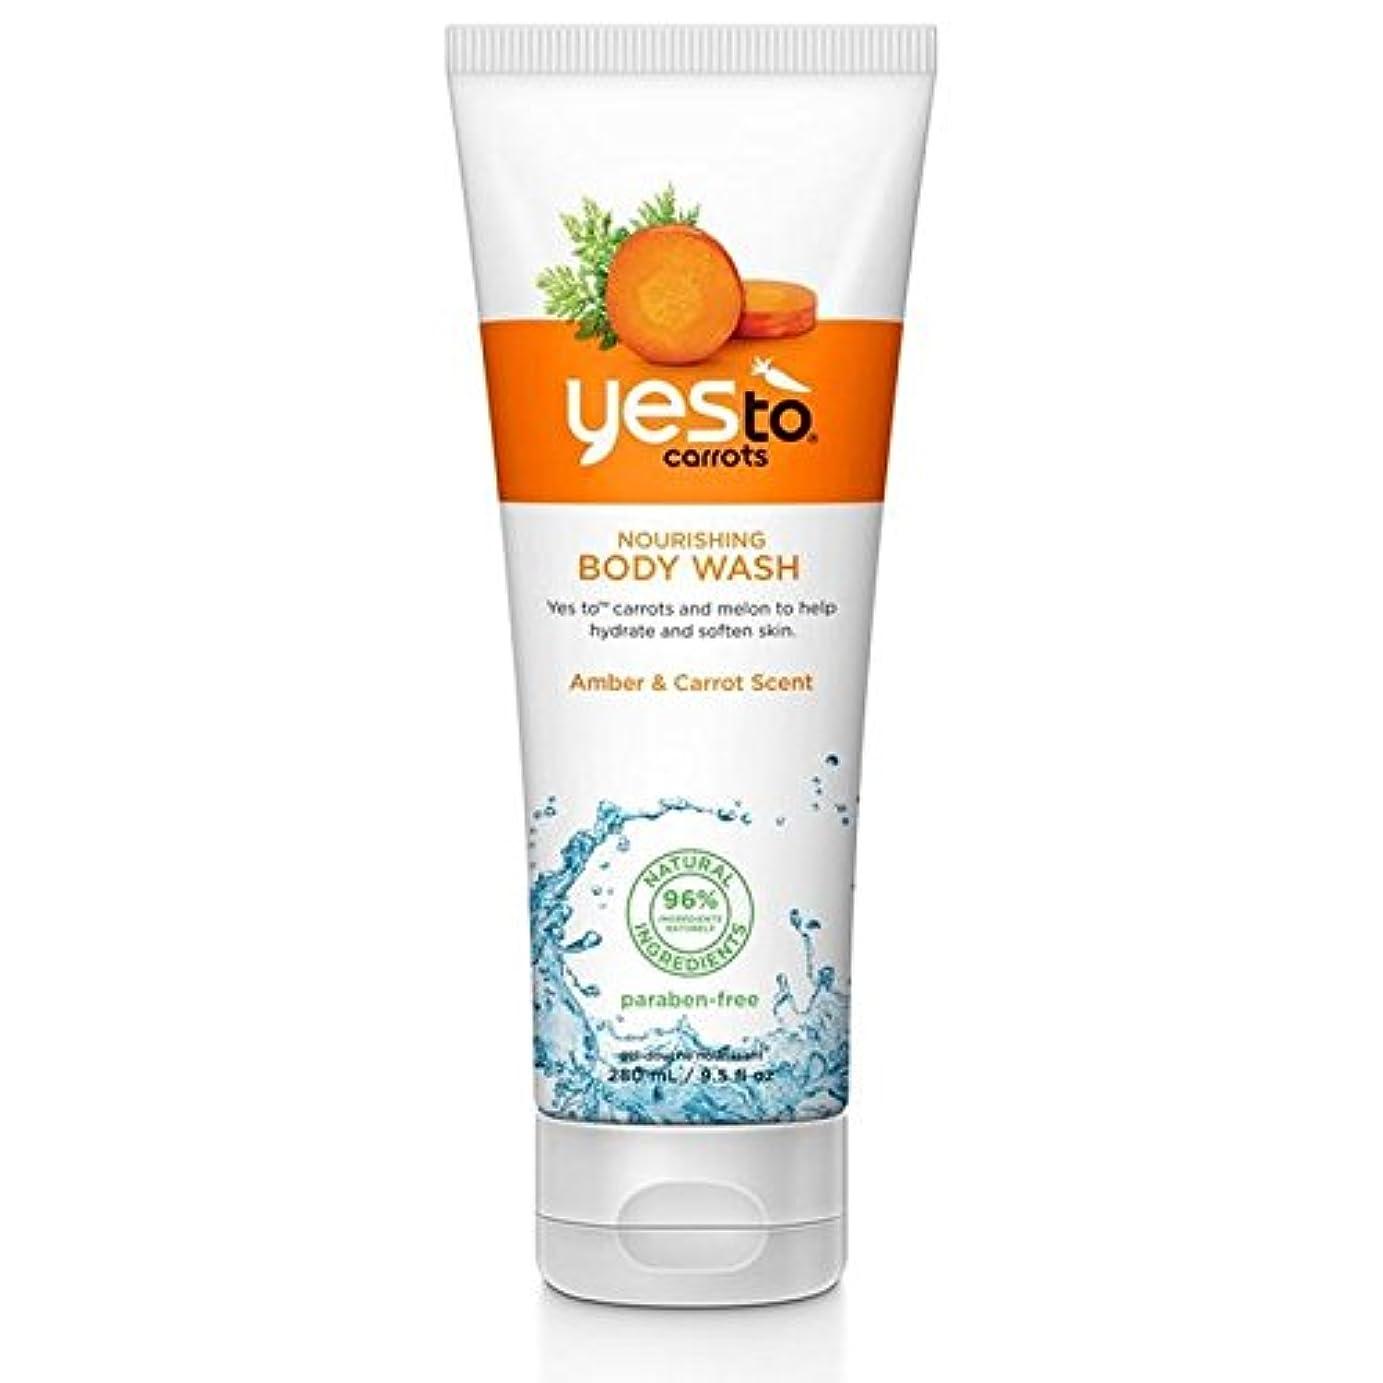 ペパーミントアーティストコミュニケーションYes To Carrots Nourishing Body Wash 280ml - はいボディウォッシュ280ミリリットル栄養ニンジンへ [並行輸入品]